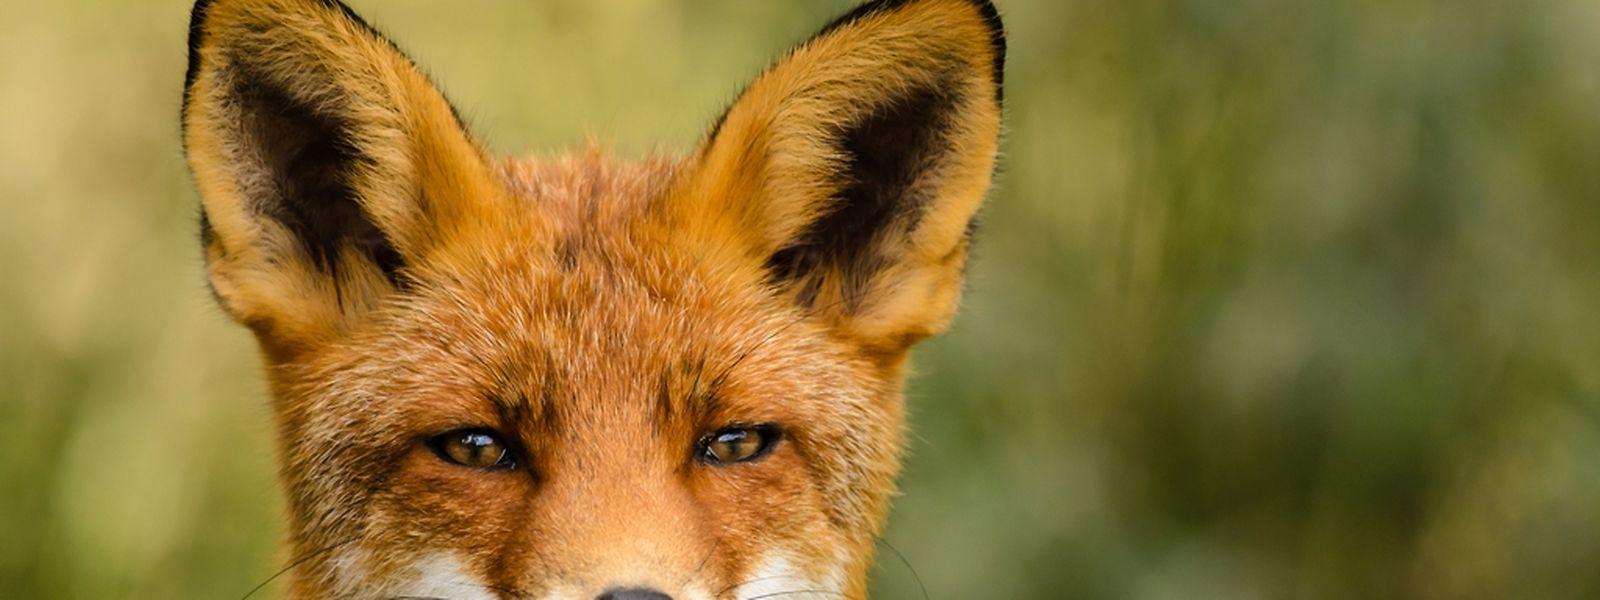 Der Fuchs hat in Luxemburger Wäldern für ein weiteres Jahr seine Ruhe.